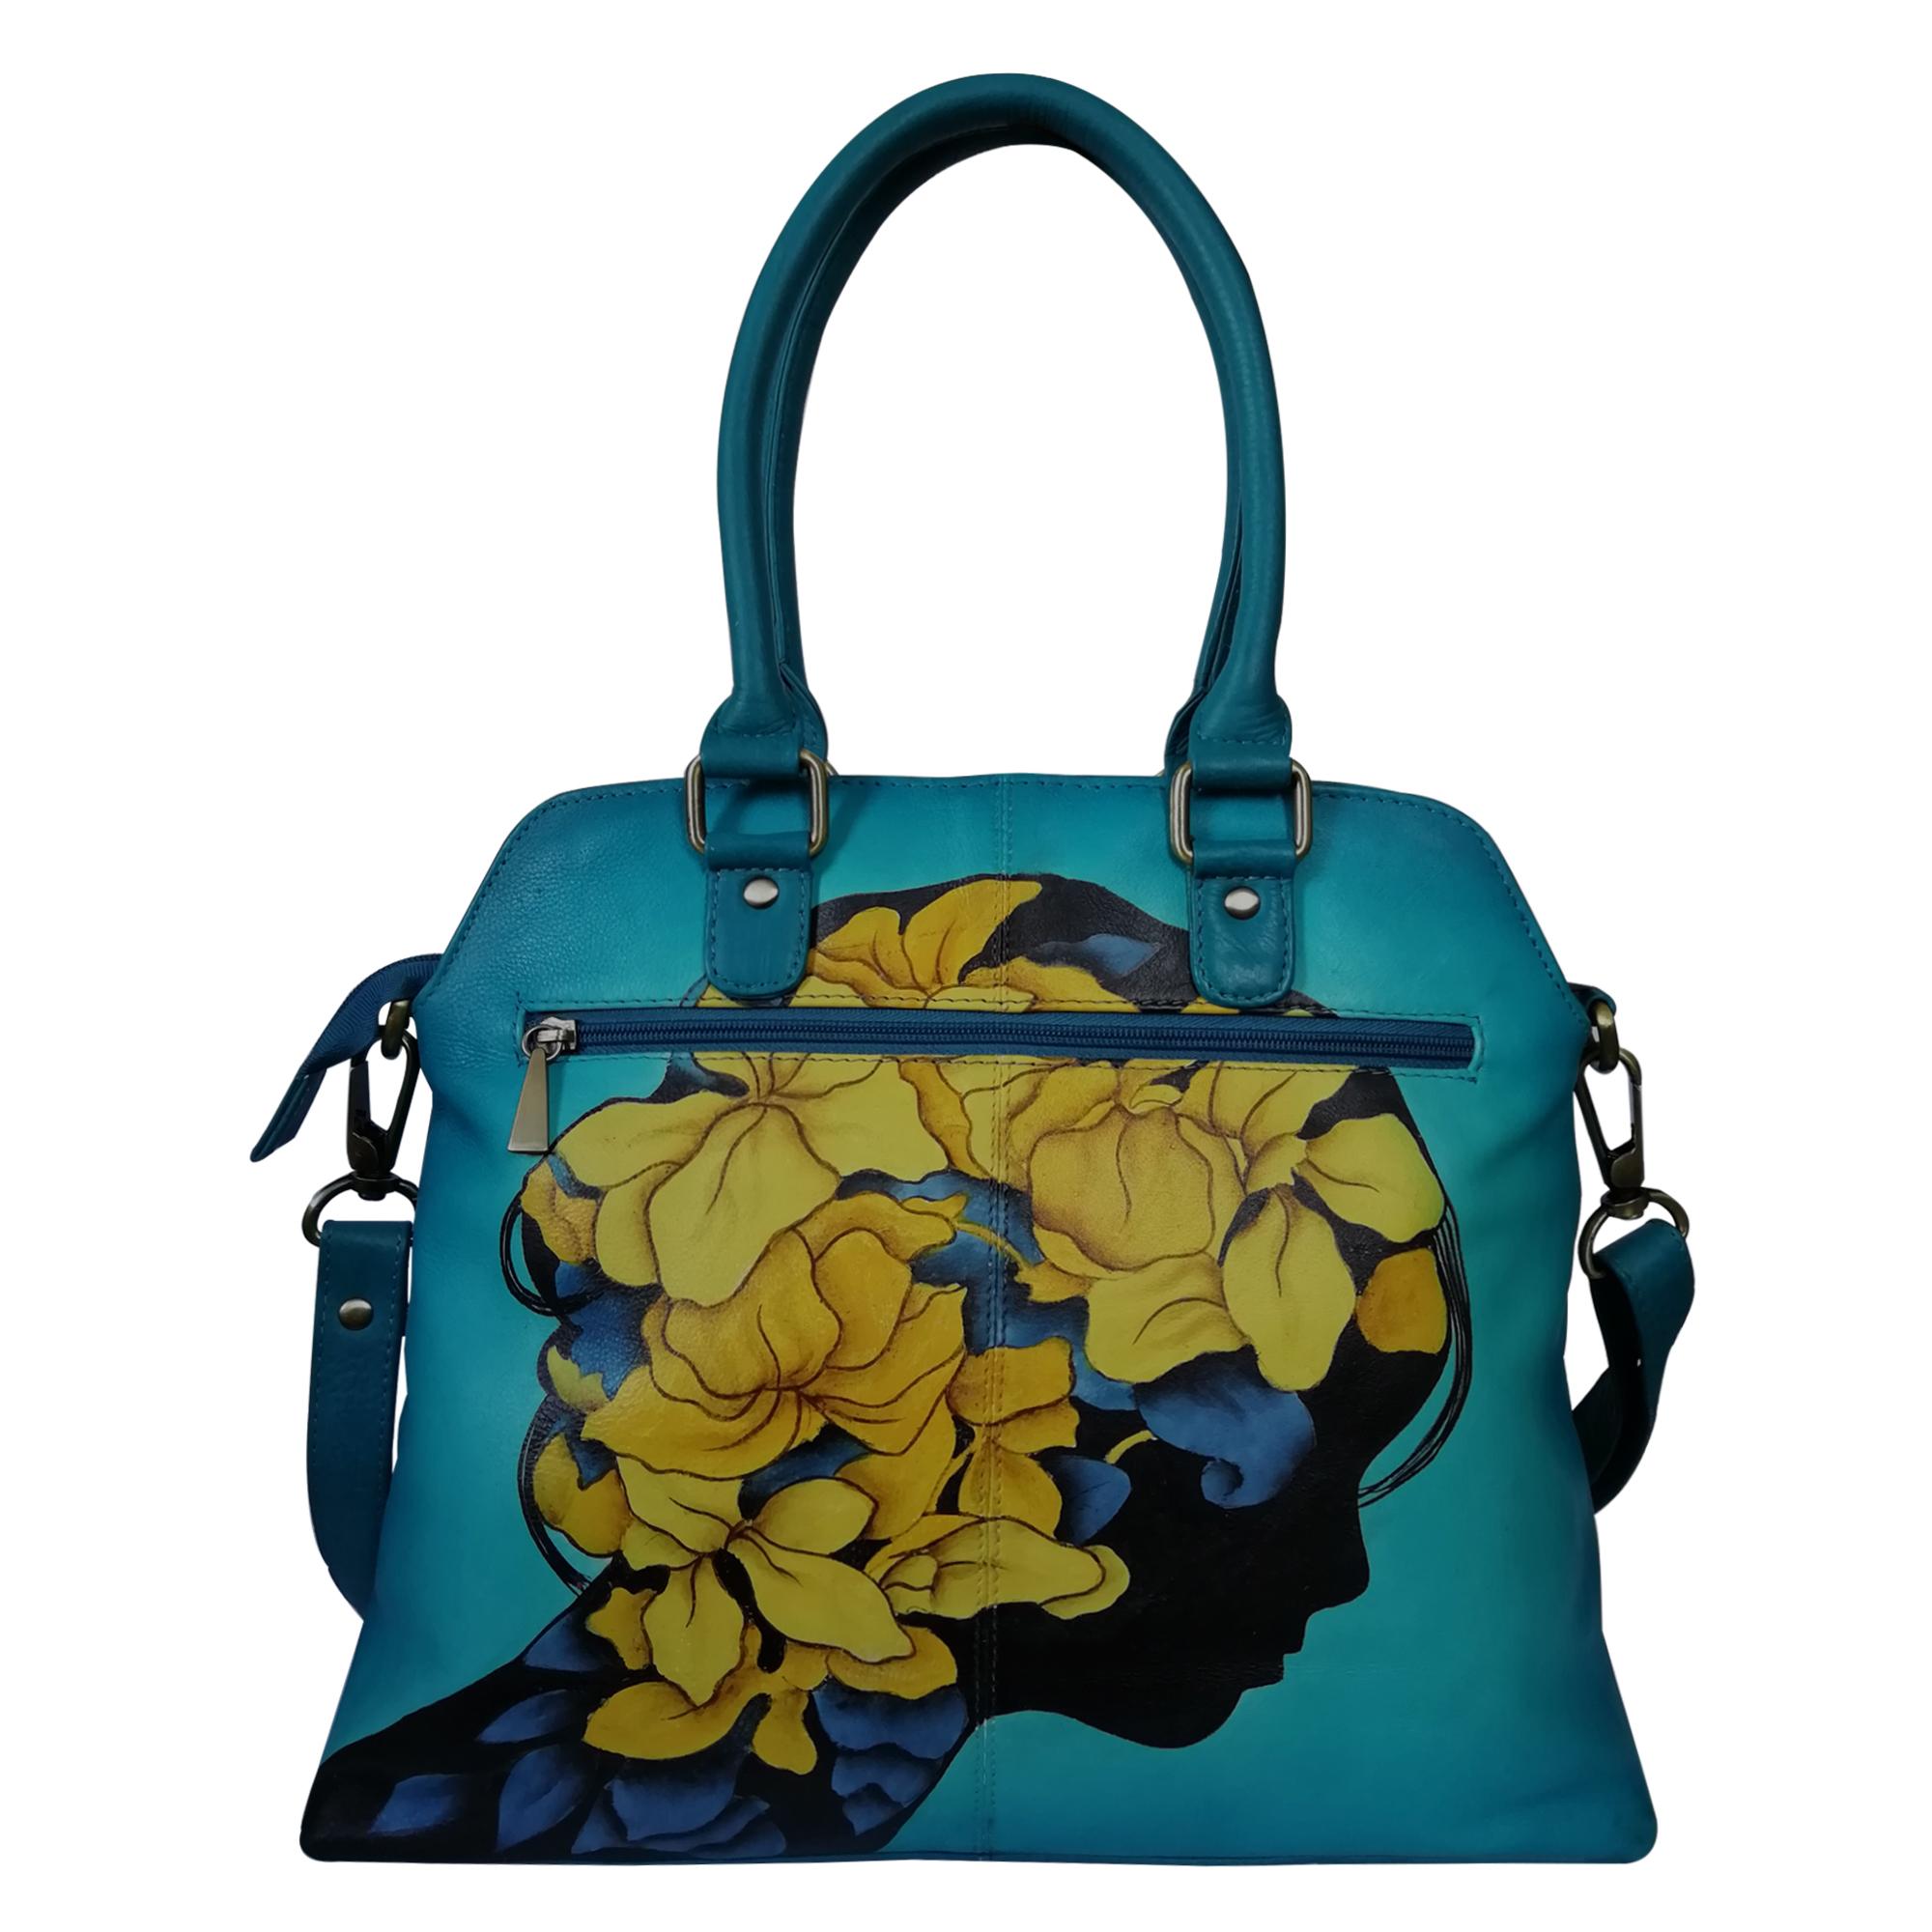 New Hand Painted Leather Shoulder Handbag Design Leaves Teal